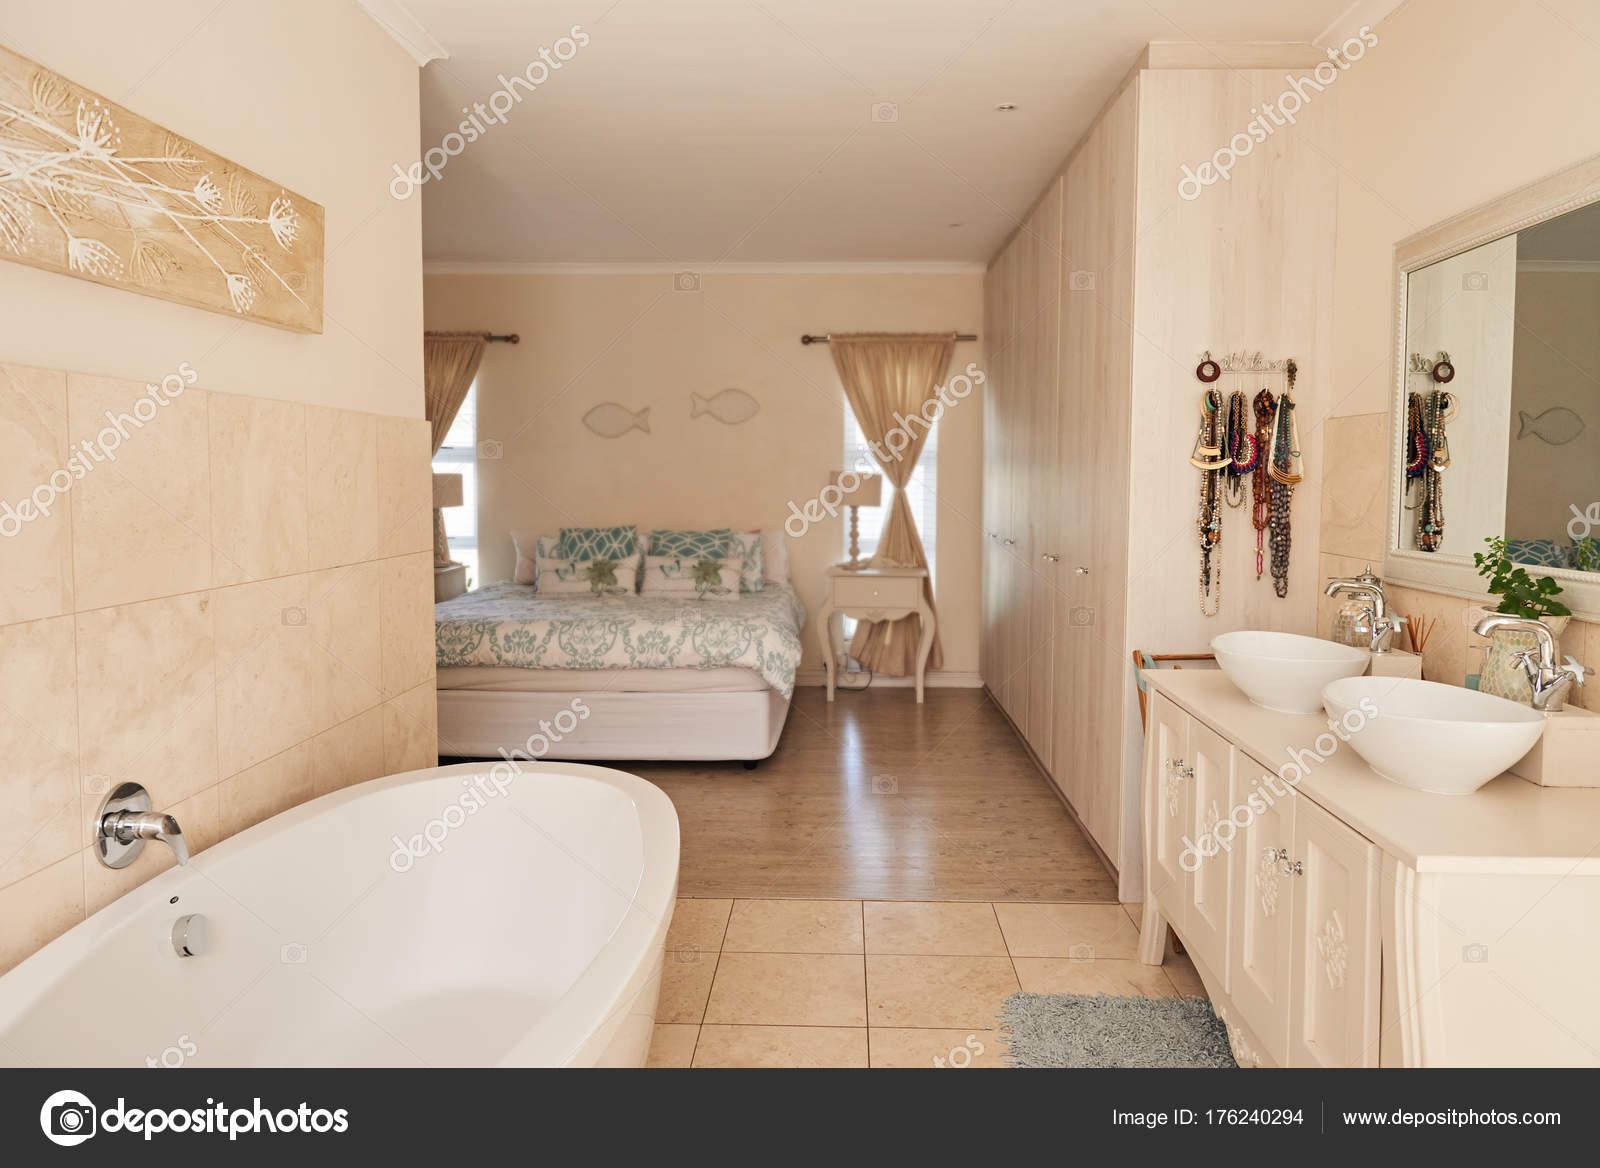 Salle de bains moderne espace ouvert — Photographie mavoimages ...